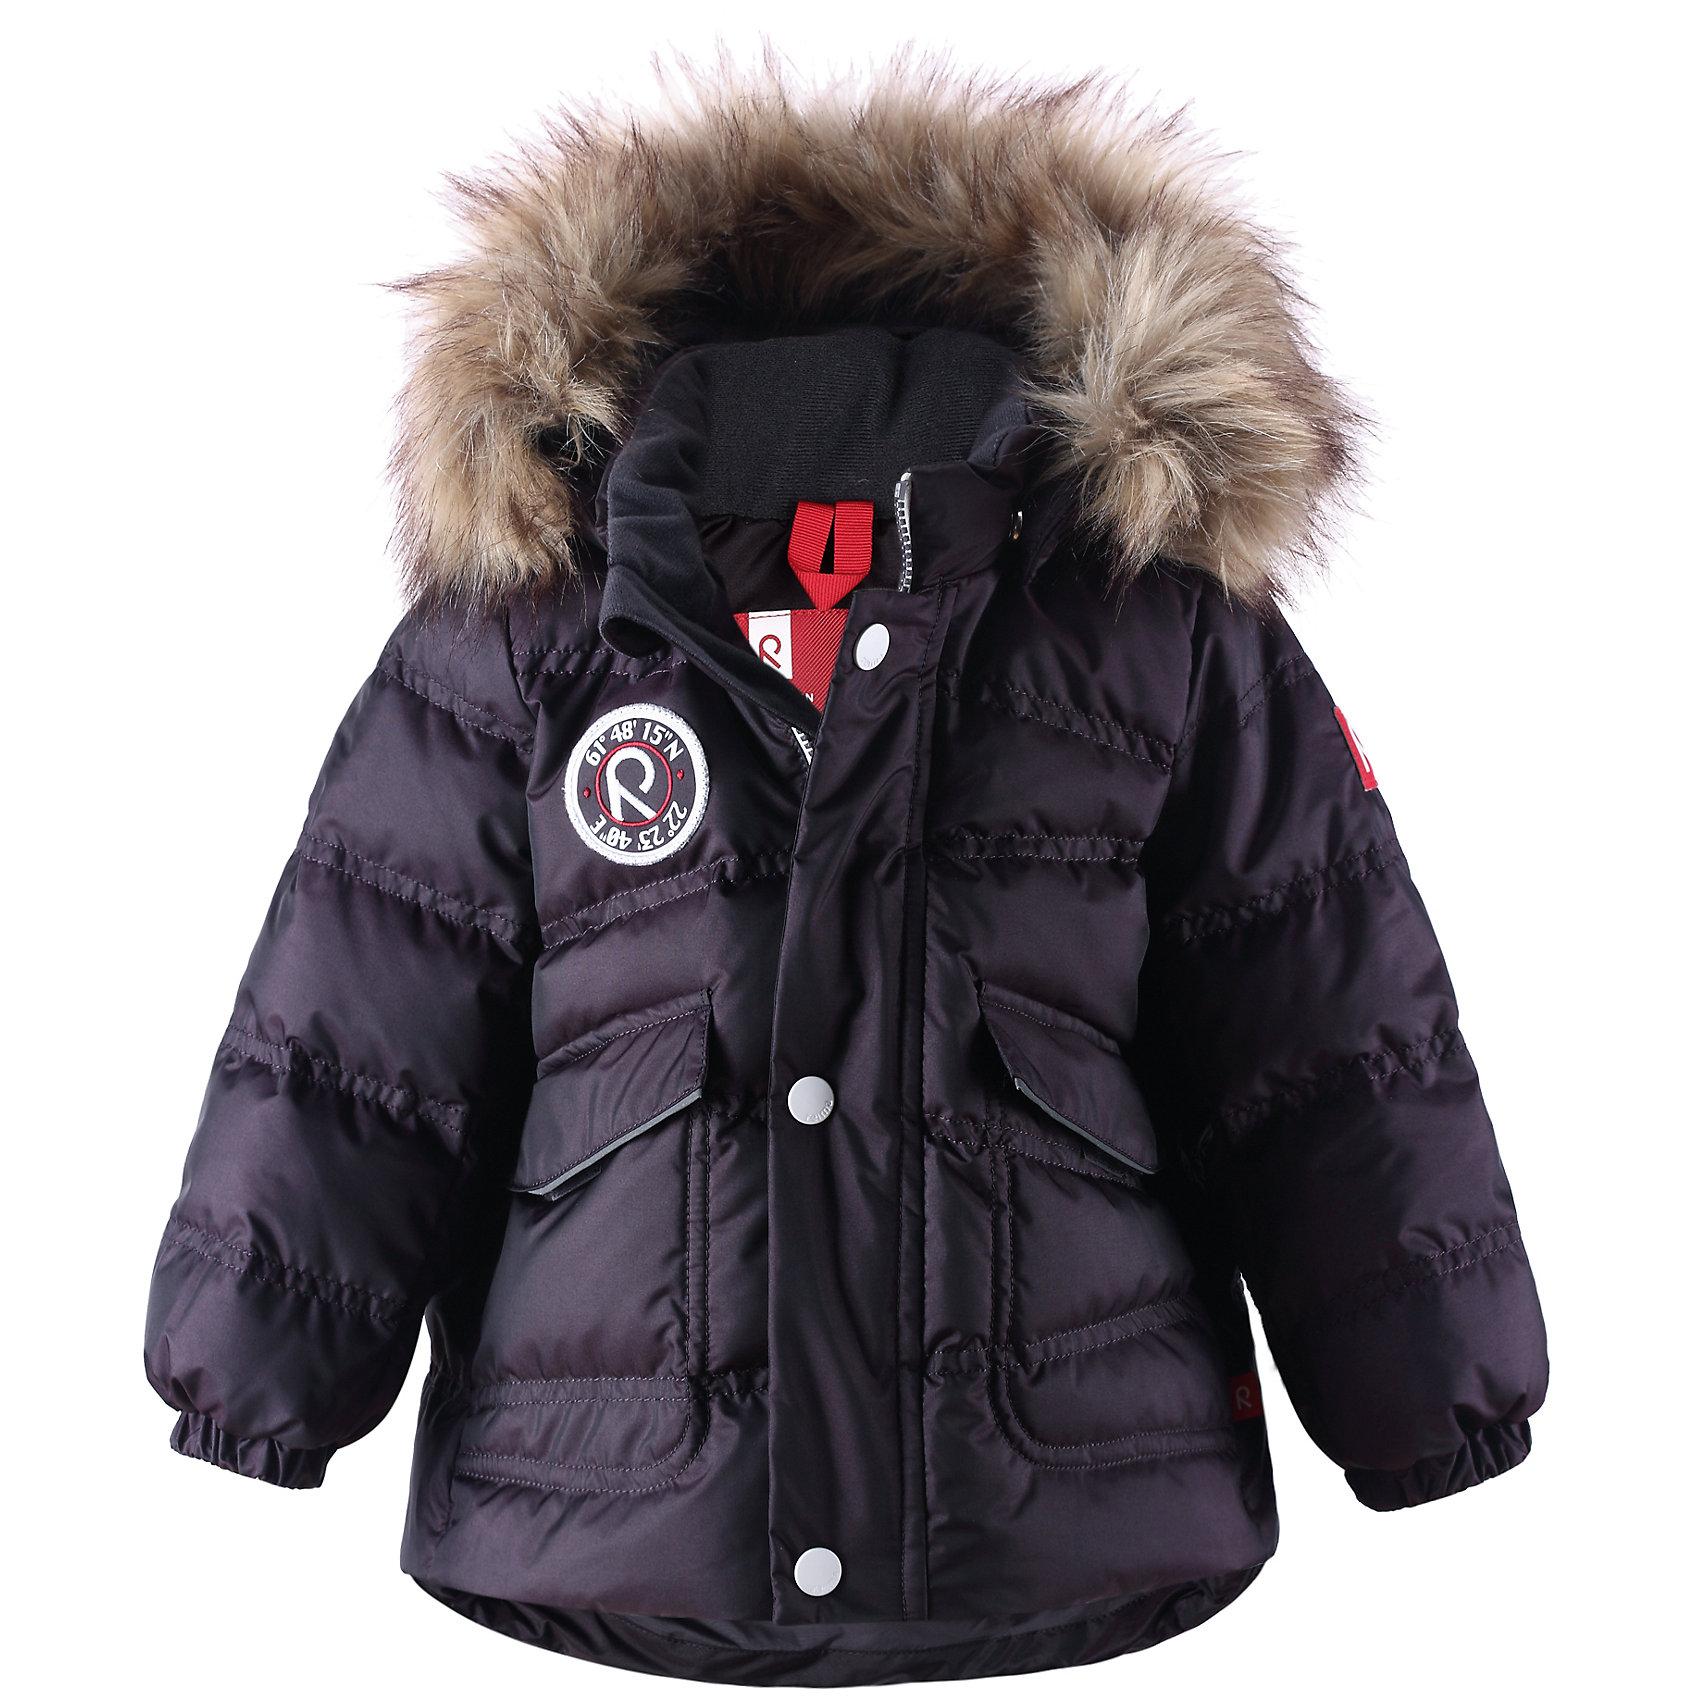 Пальто  ReimaОчень теплая, стильная зимняя куртка для отдыха на открытом воздухе. Универсальная модель. Отлично дополняет спортивный или классический образ.<br><br>Дополнительная информация:<br><br>Высокая степень утепления: до -30<br>Водонепроницаемость 1000 мм<br>Водоотталкивающий пуховик, модель для мальчиков<br>Съемная отделка из искусственного меха на съемном капюшоне<br>Два кармана под планками<br>Регулируемый подол<br>Состав: 55% Полиамид 45% Полиэстер, Полиуретан-покрытие<br><br>Пальто  Reima (Рейма) можно купить в нашем магазине.<br><br>Ширина мм: 356<br>Глубина мм: 10<br>Высота мм: 245<br>Вес г: 519<br>Цвет: серый<br>Возраст от месяцев: 6<br>Возраст до месяцев: 9<br>Пол: Унисекс<br>Возраст: Детский<br>Размер: 74,80,92,98,86<br>SKU: 4268559